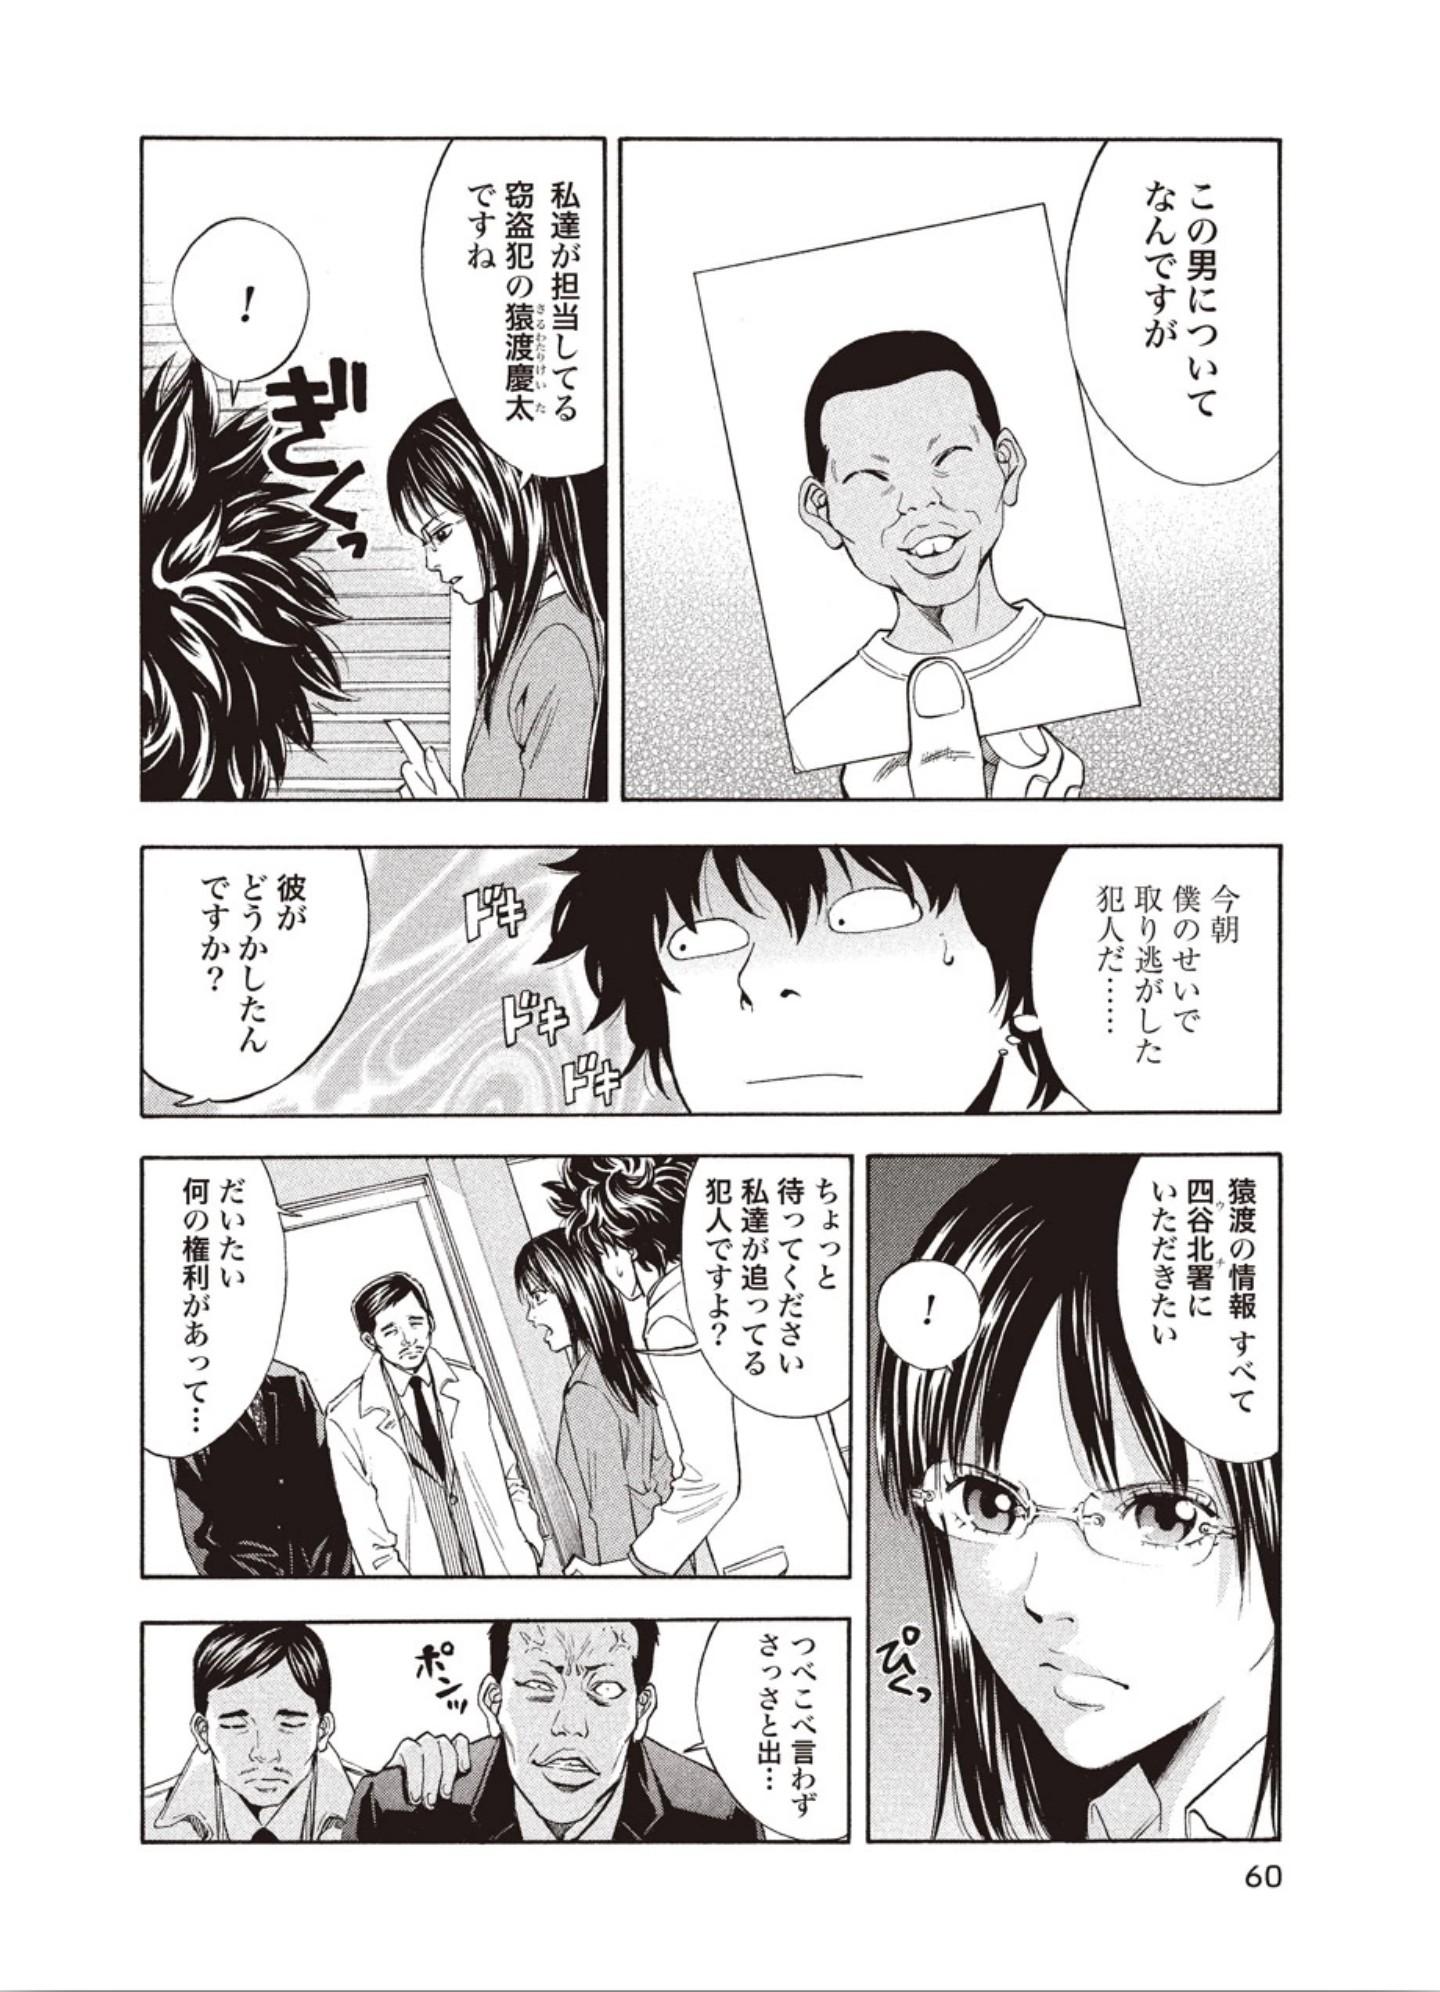 ウロボロス漫画神崎裕也 猿渡慶太